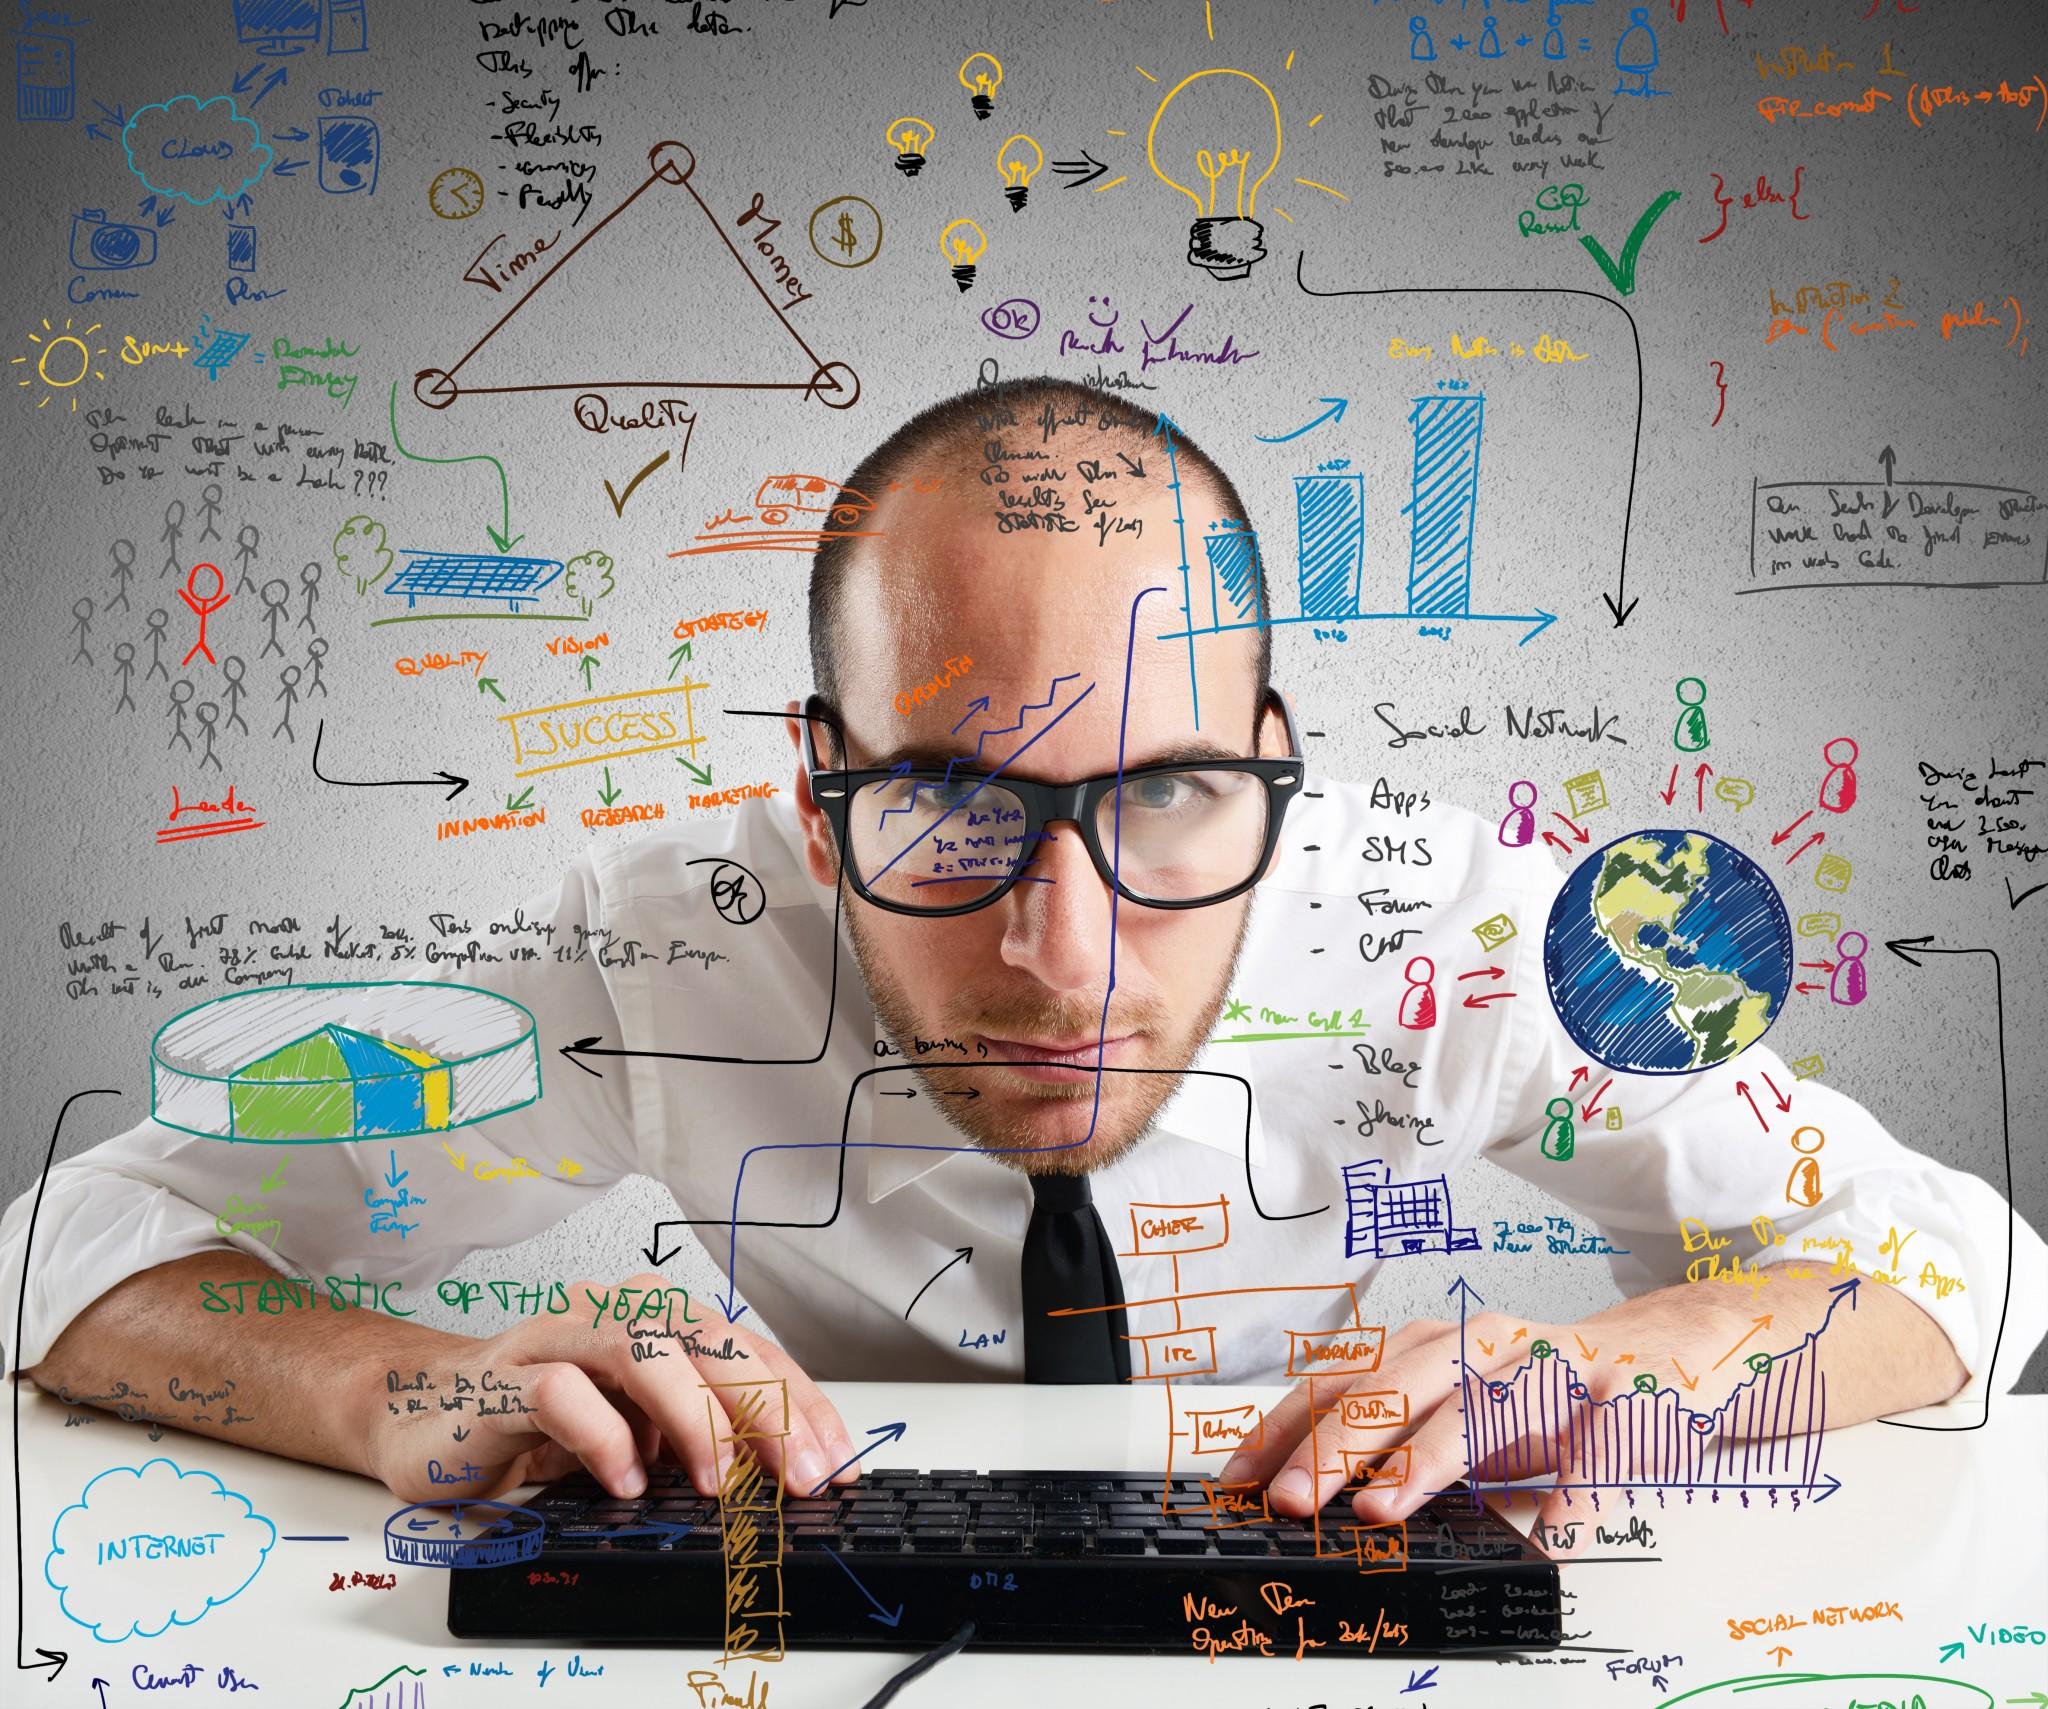 ¿ Porqué  el Growth Hacking es la técnica con mejores resultados?